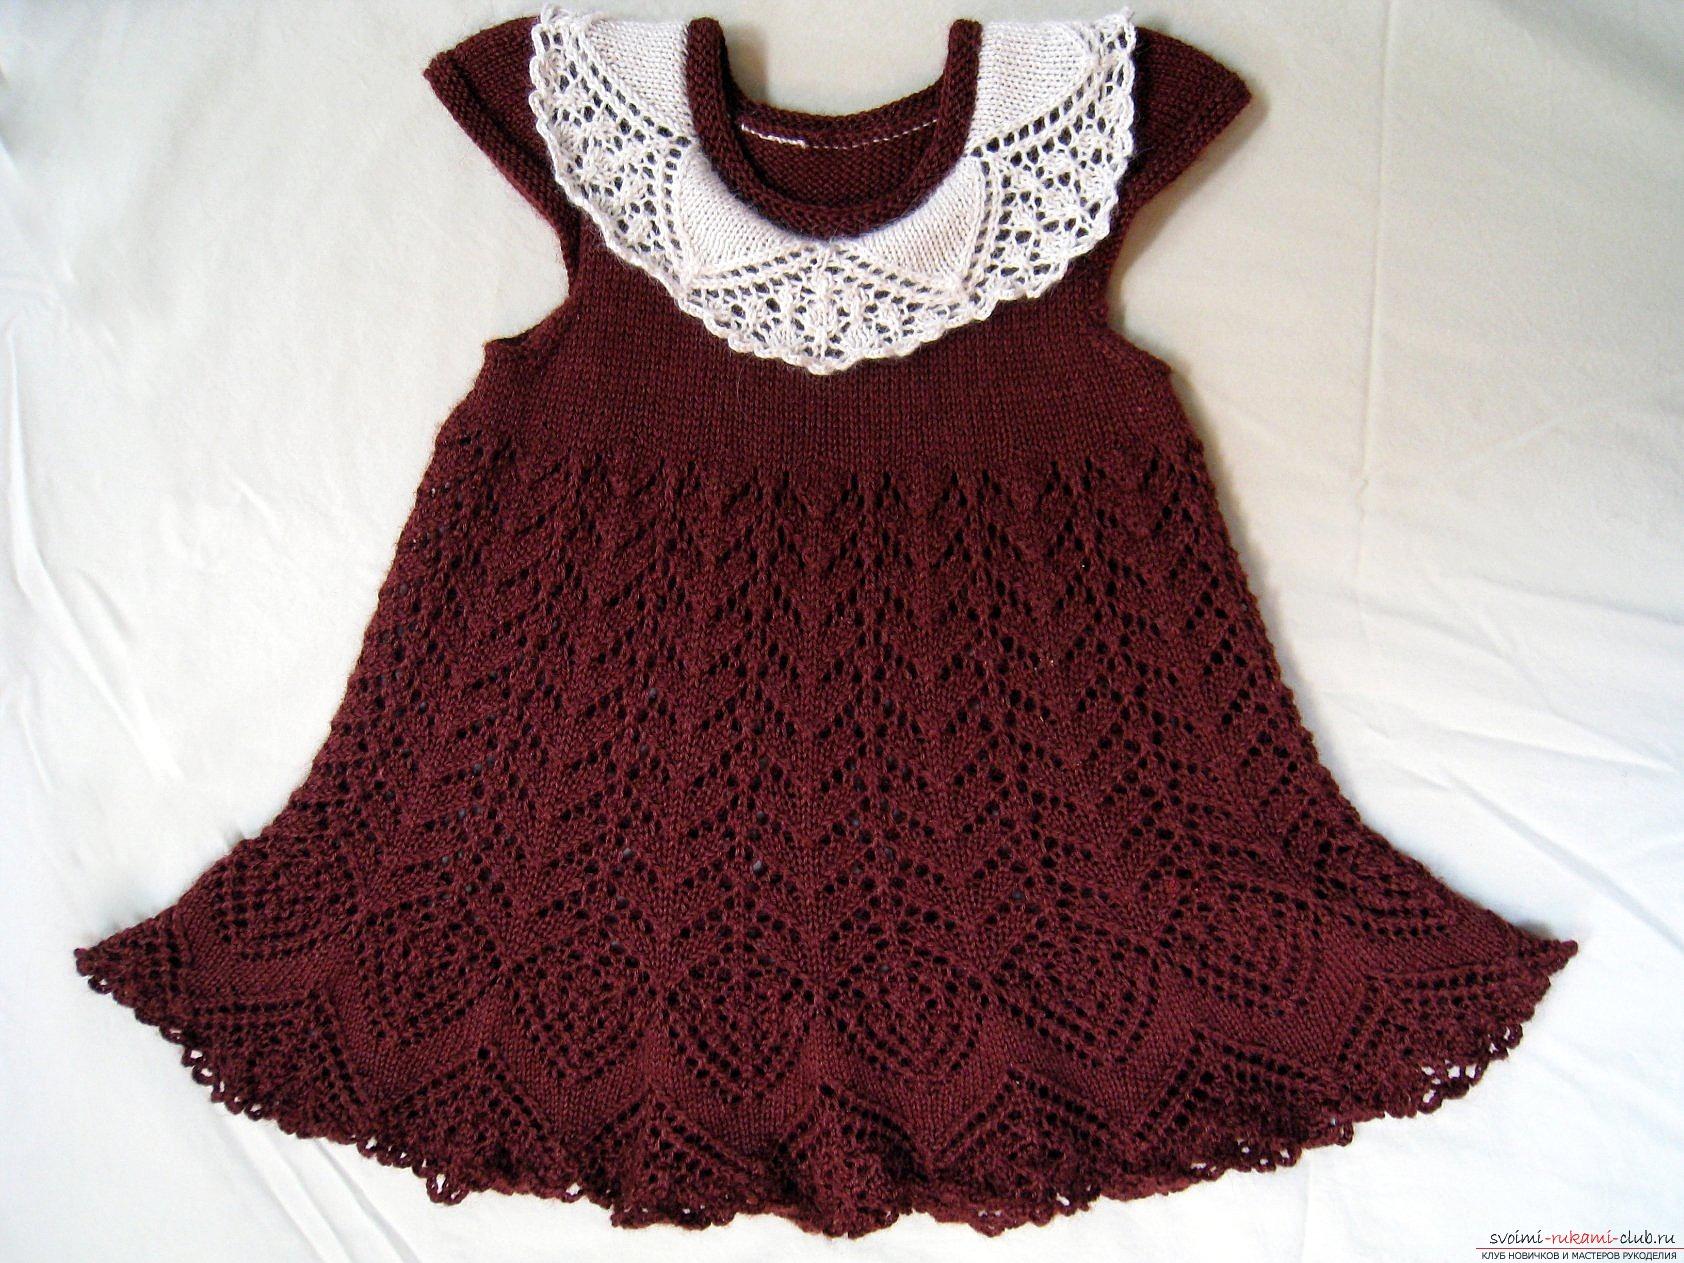 Вязаные платья спицами для подростков со схемами и описанием